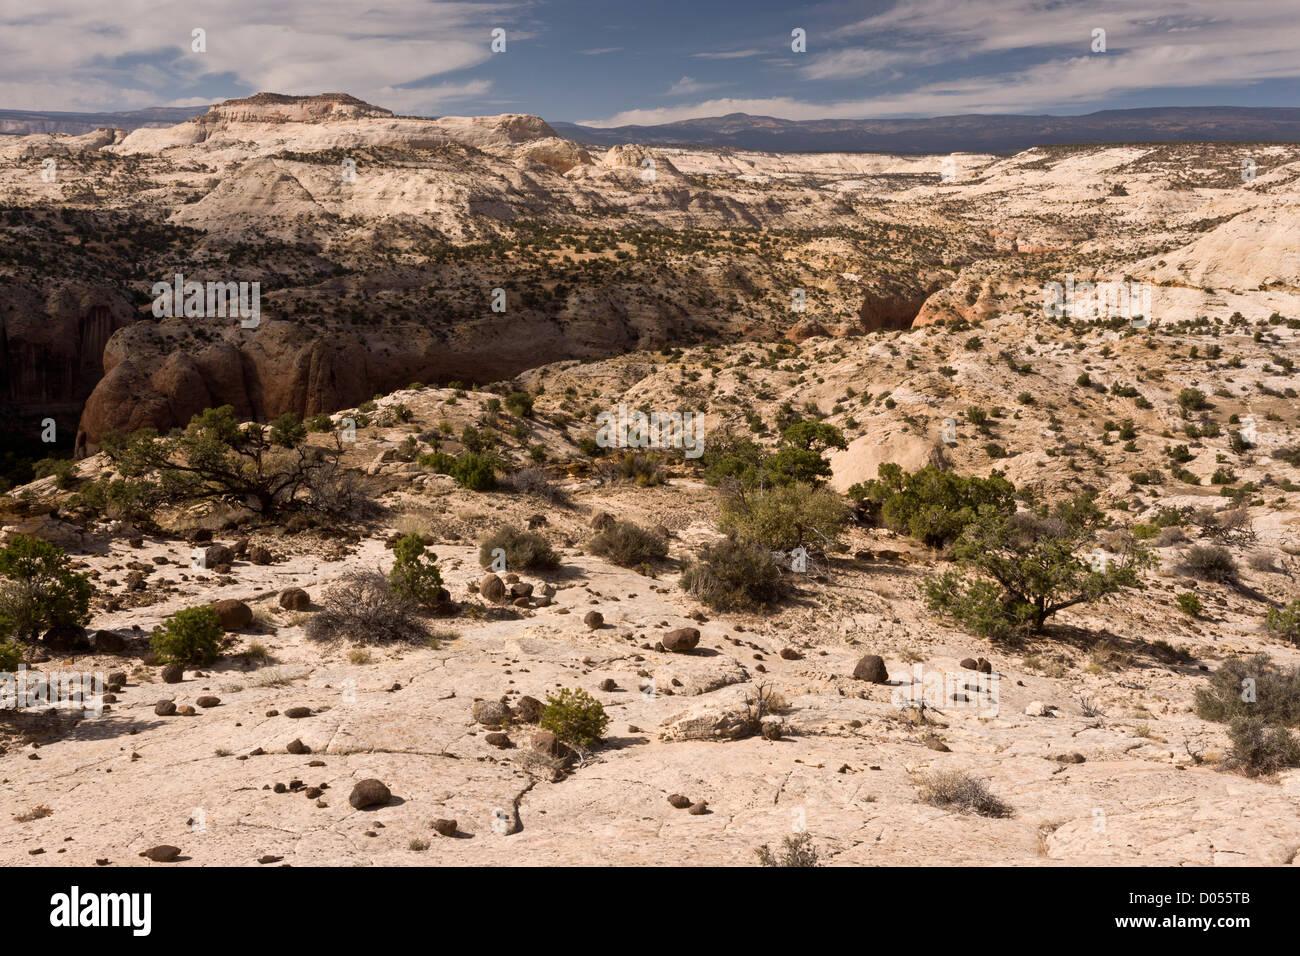 Grand Staircase-Escalante National Monument, looking across Calf Creek canyon, near Escalante, south Utah, USA Stock Photo